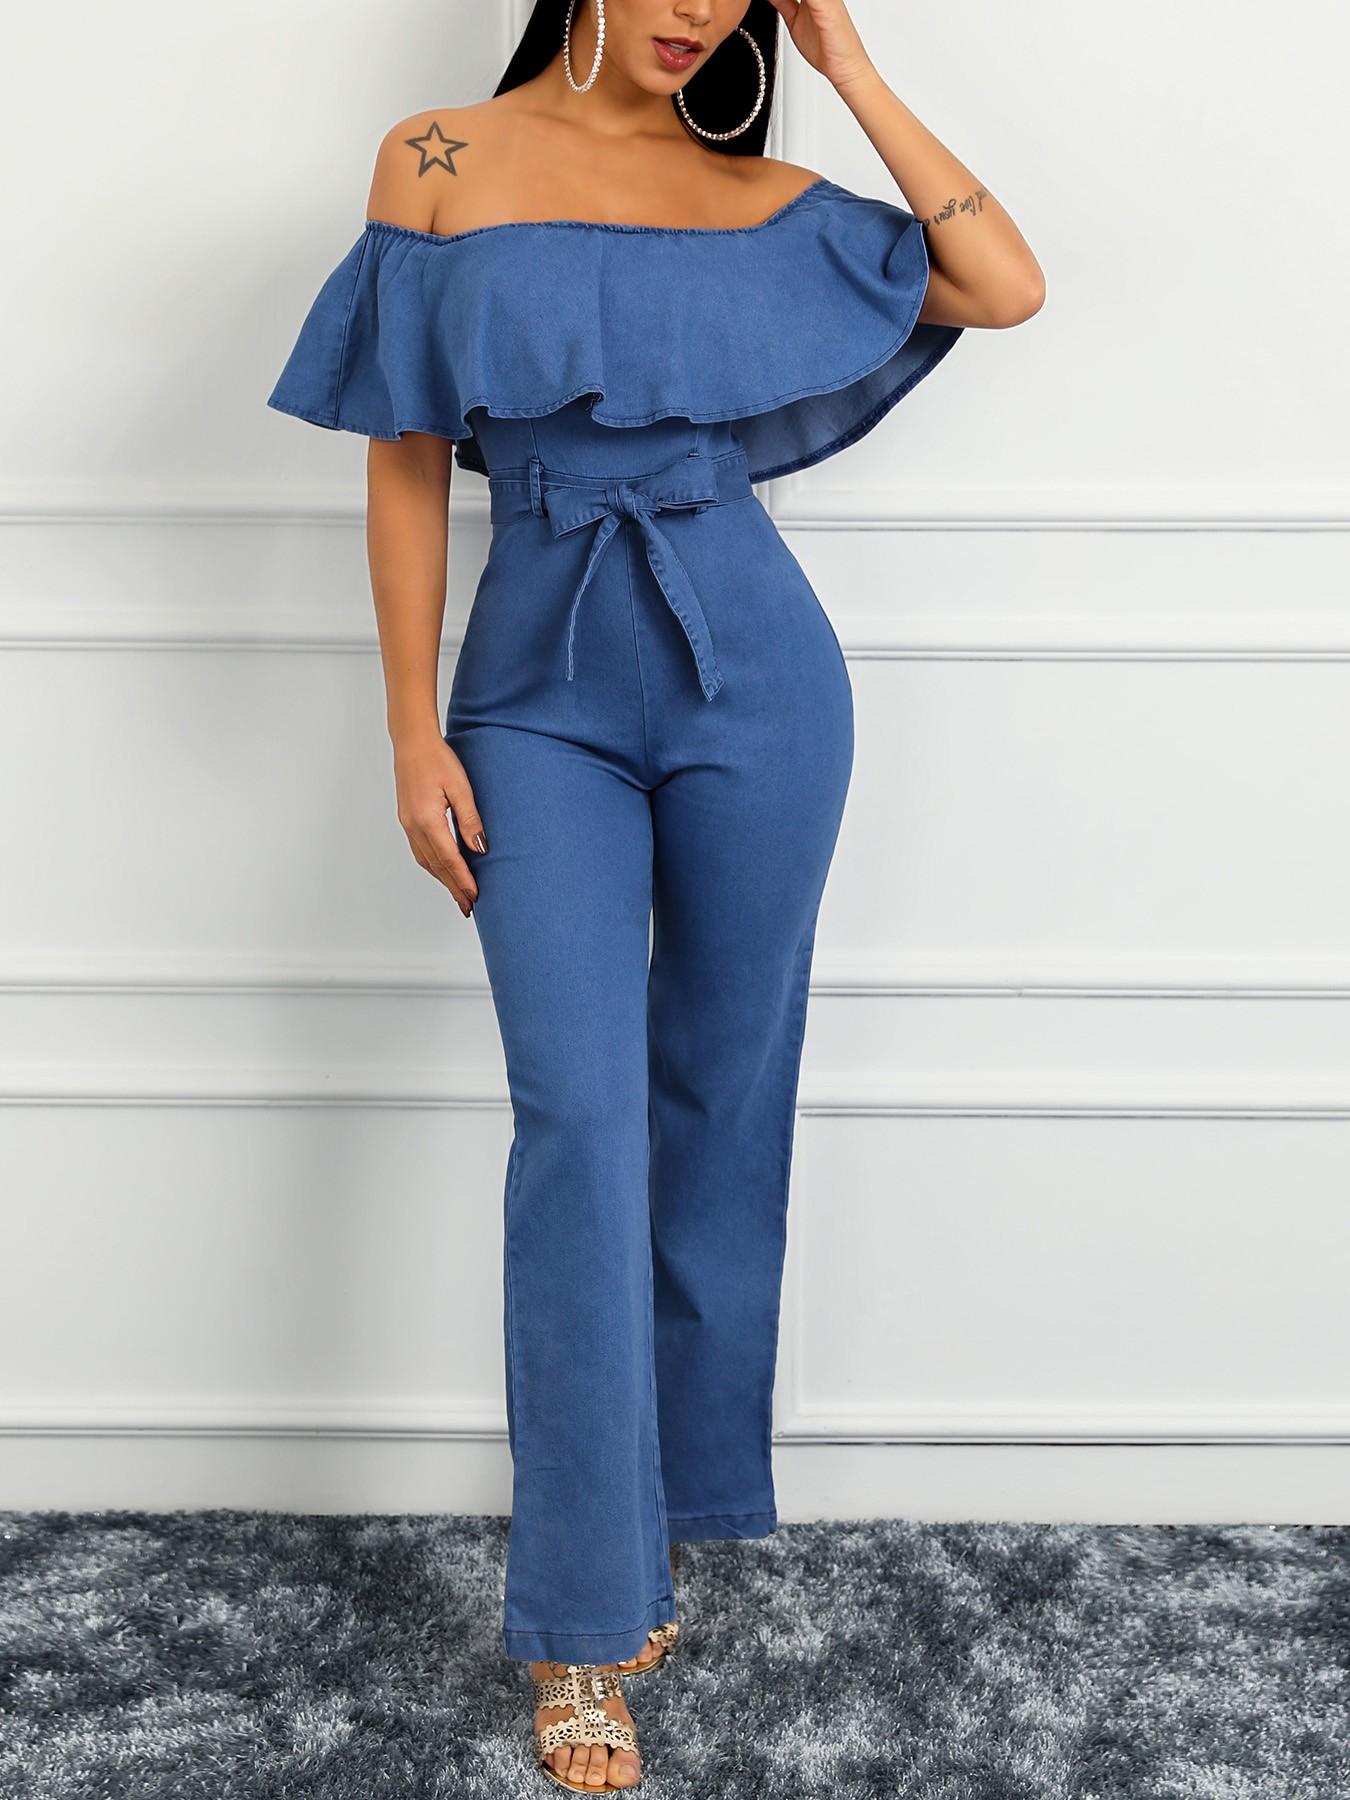 boutiquefeel / Ruffles Off Shoulder Belted Denim Jumpsuit